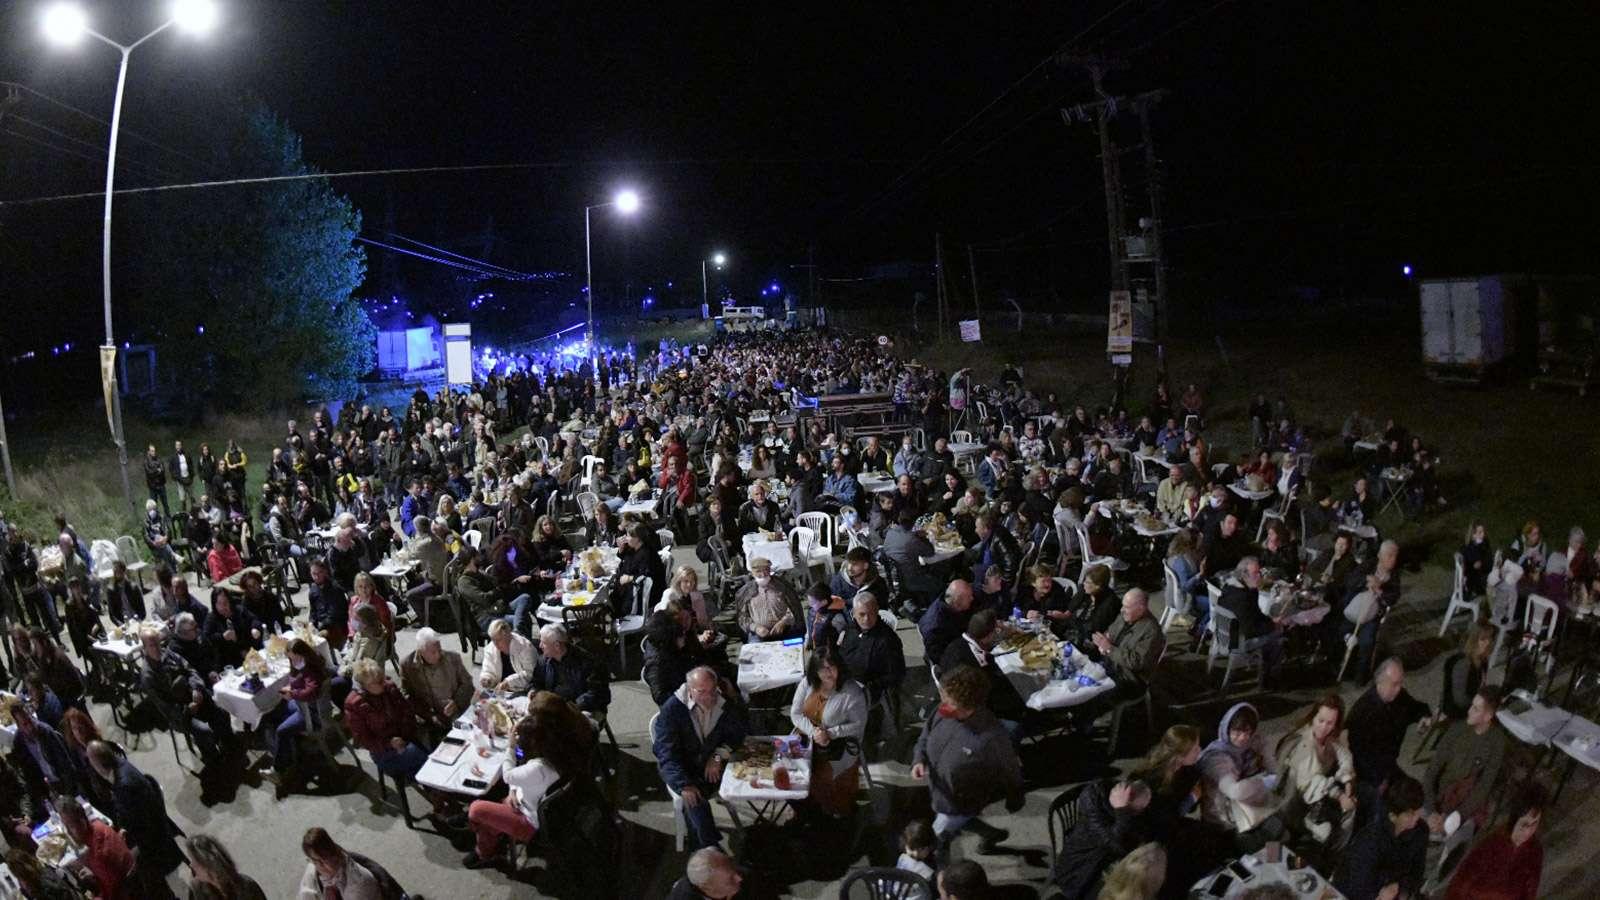 strofilia μεγάλη συναυλία αλληλεγγύης διεκδίκησης Στροφιλιάς 4